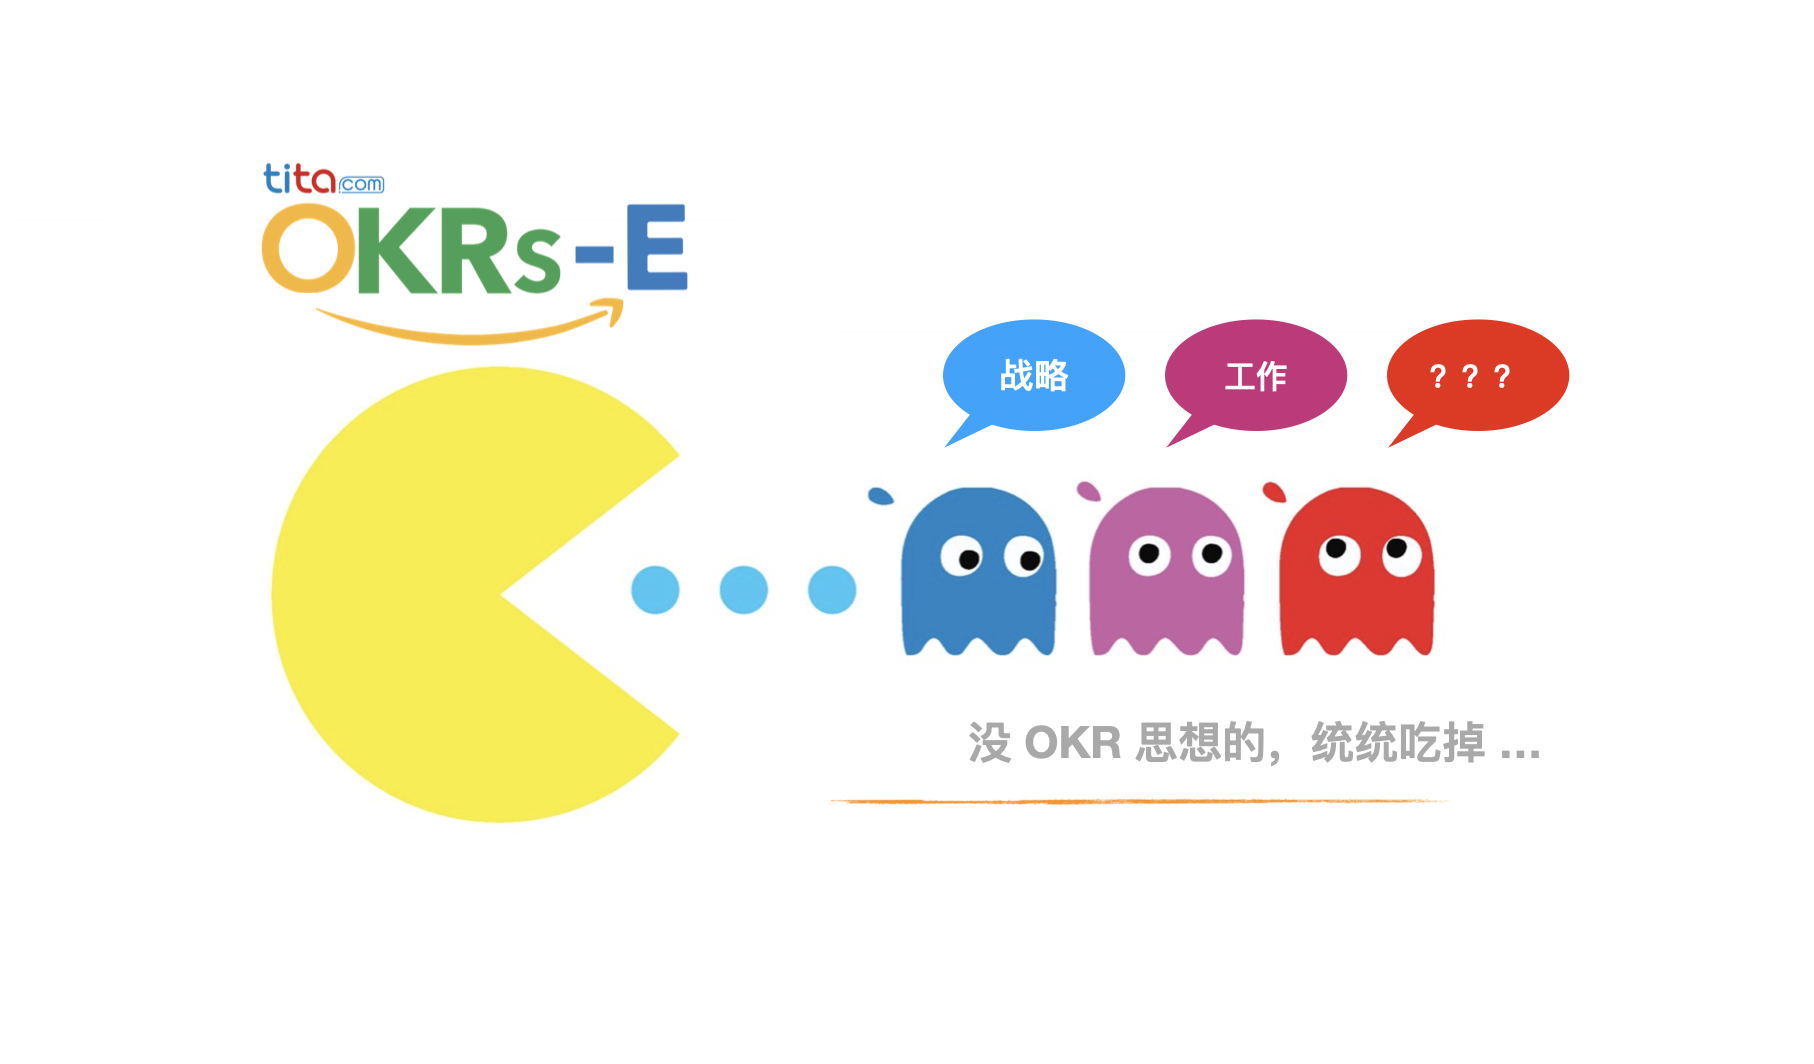 OKR:战略就是文化